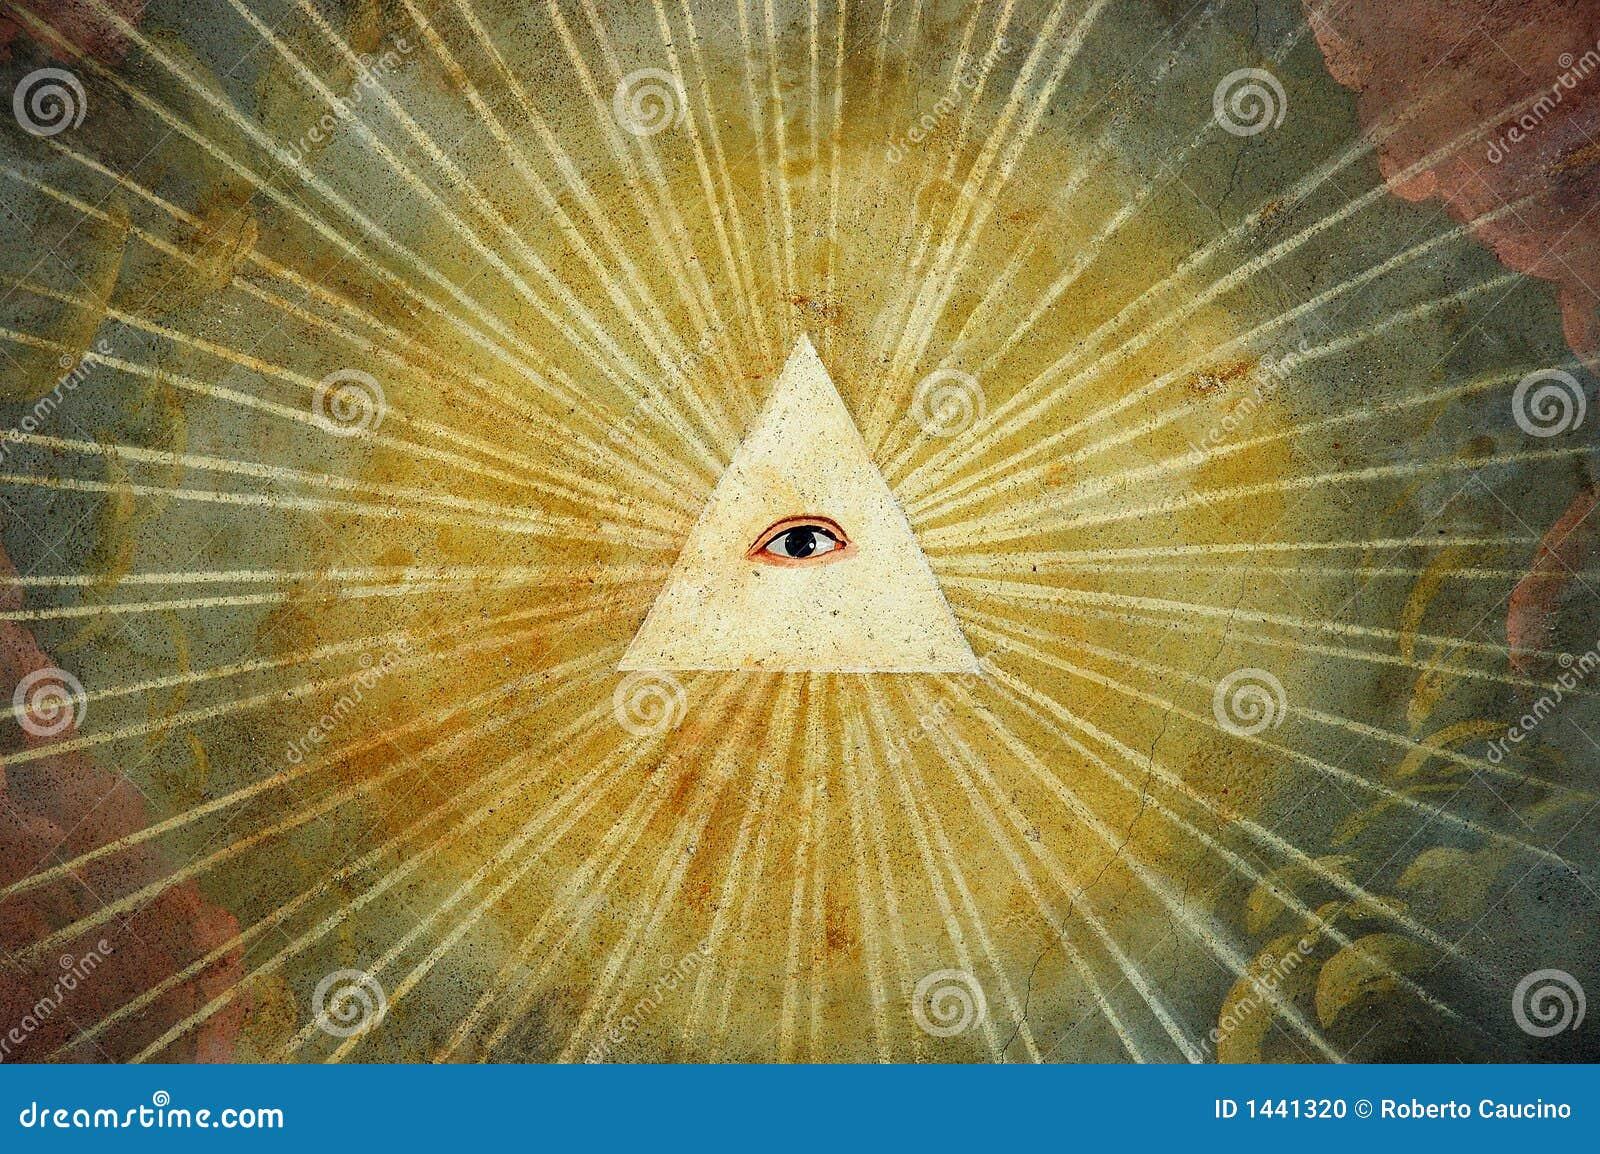 Pintura do olho do deus